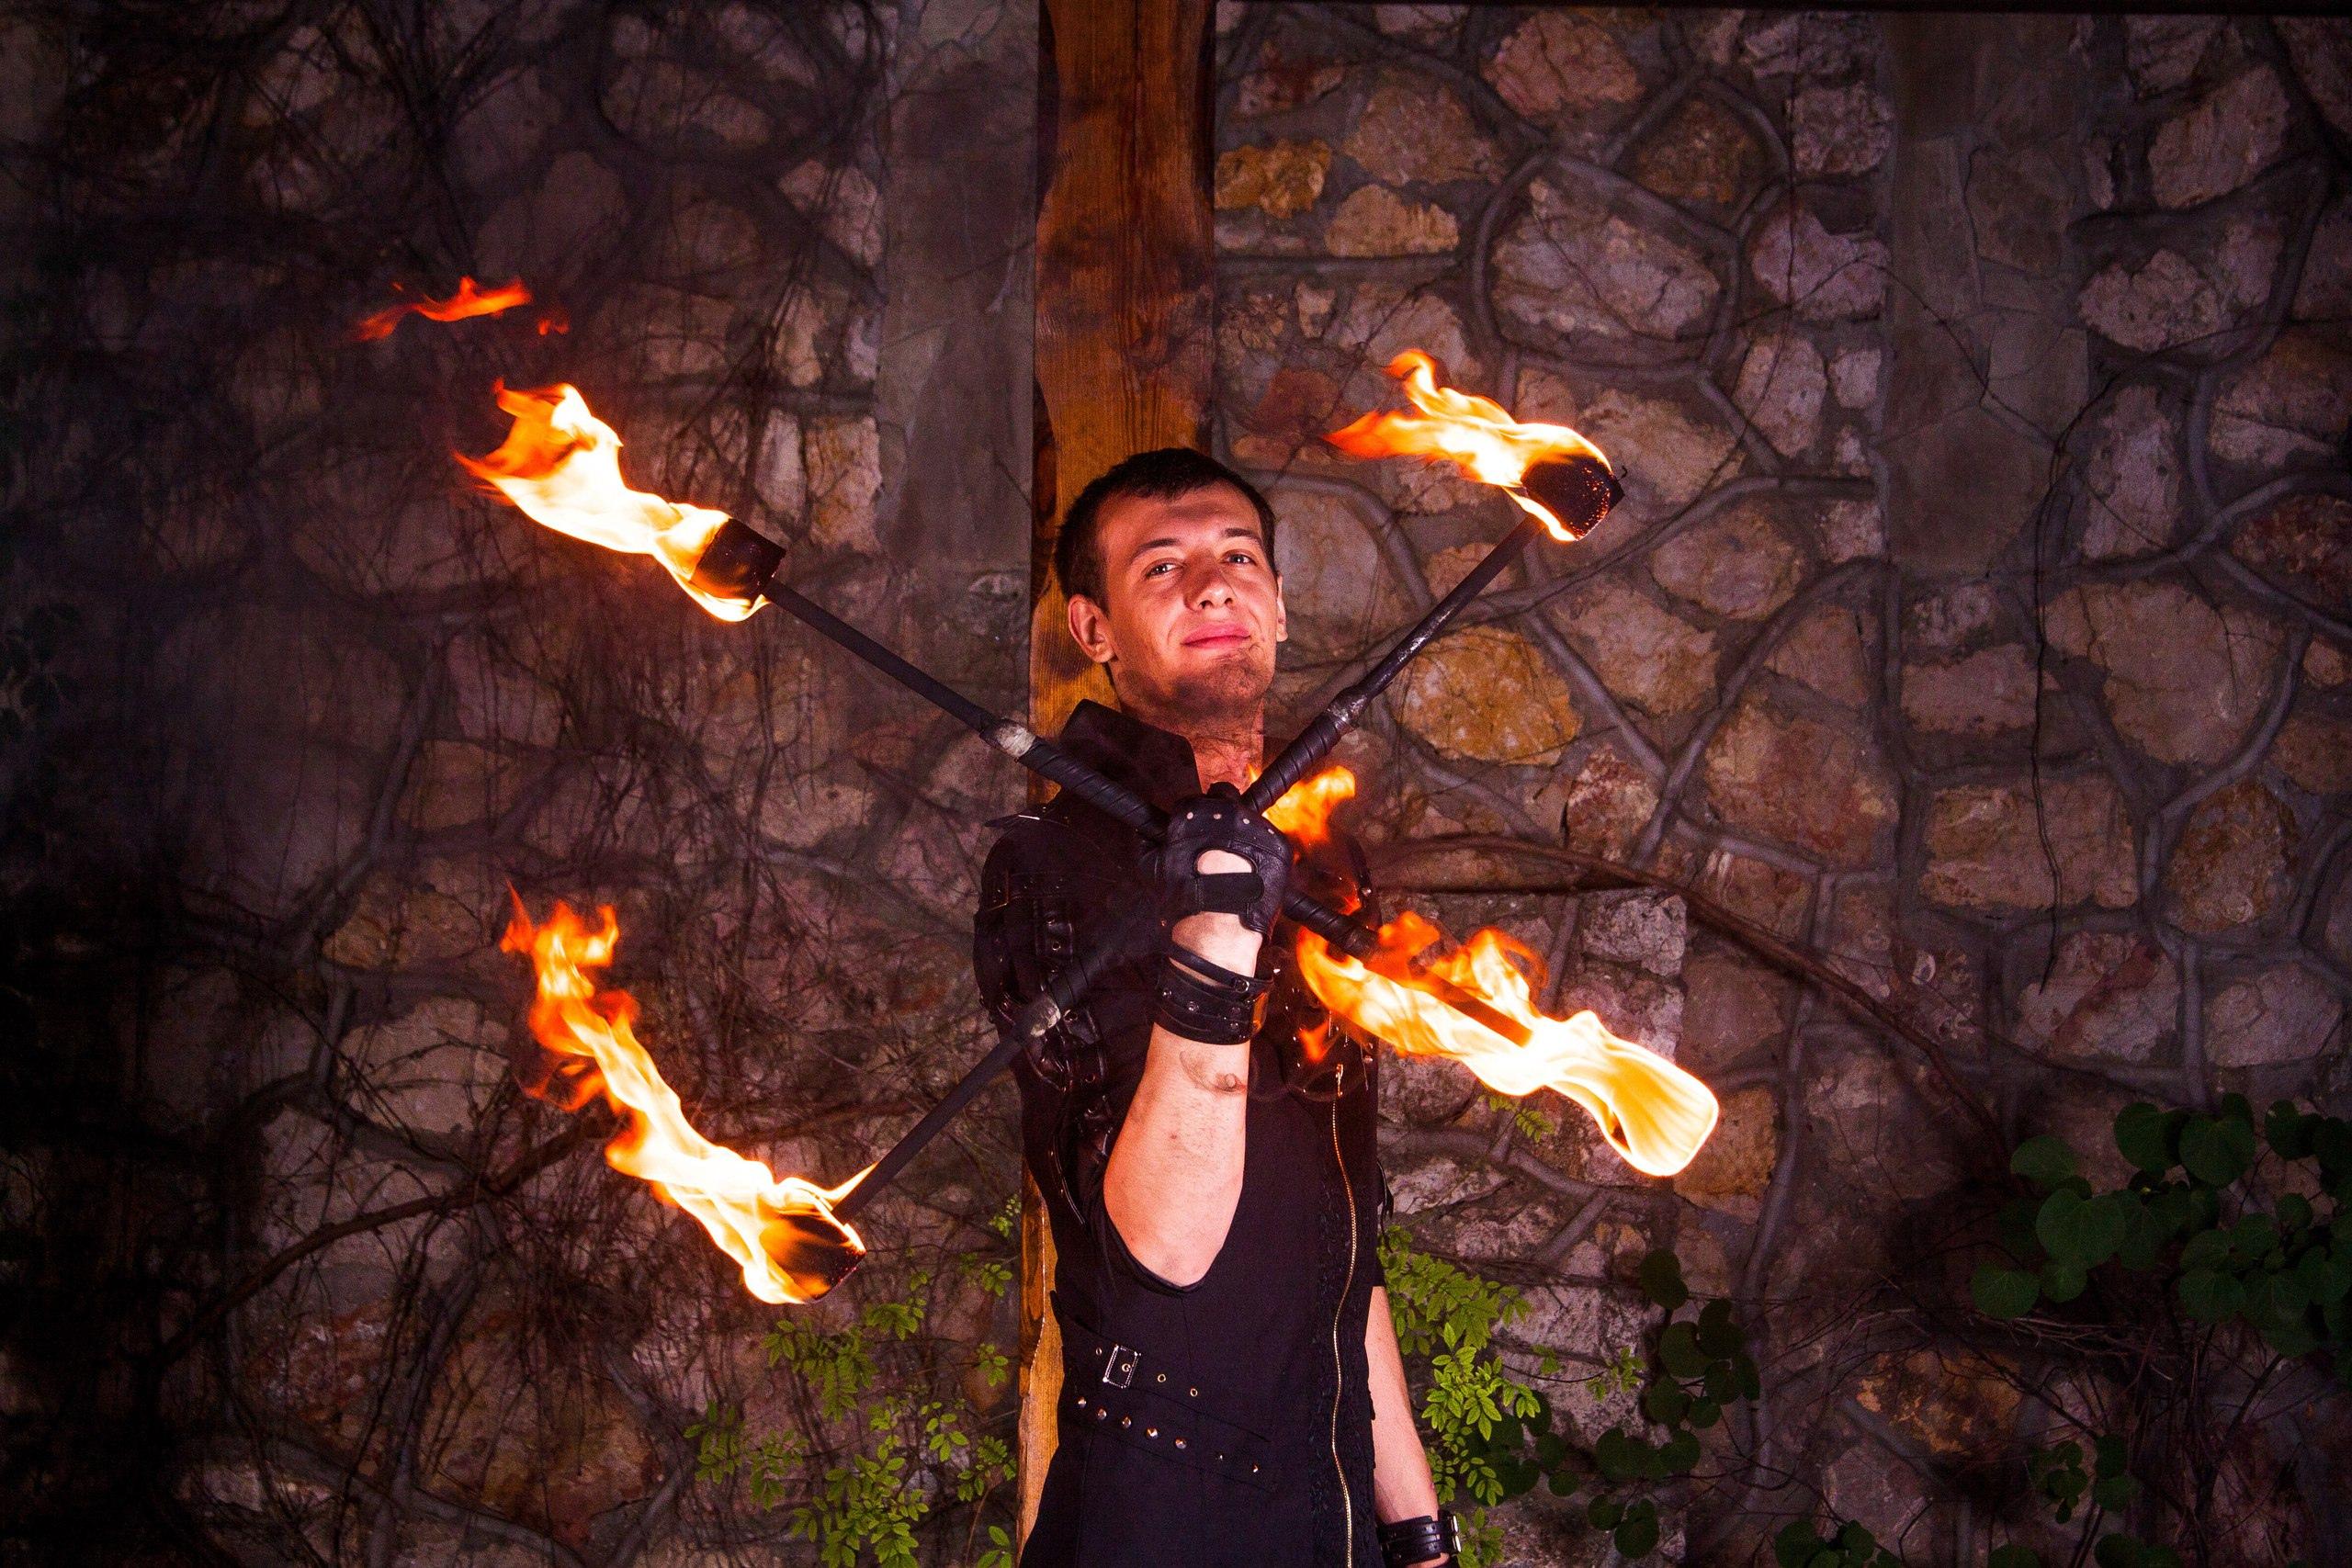 Создание образа для огненного шоу